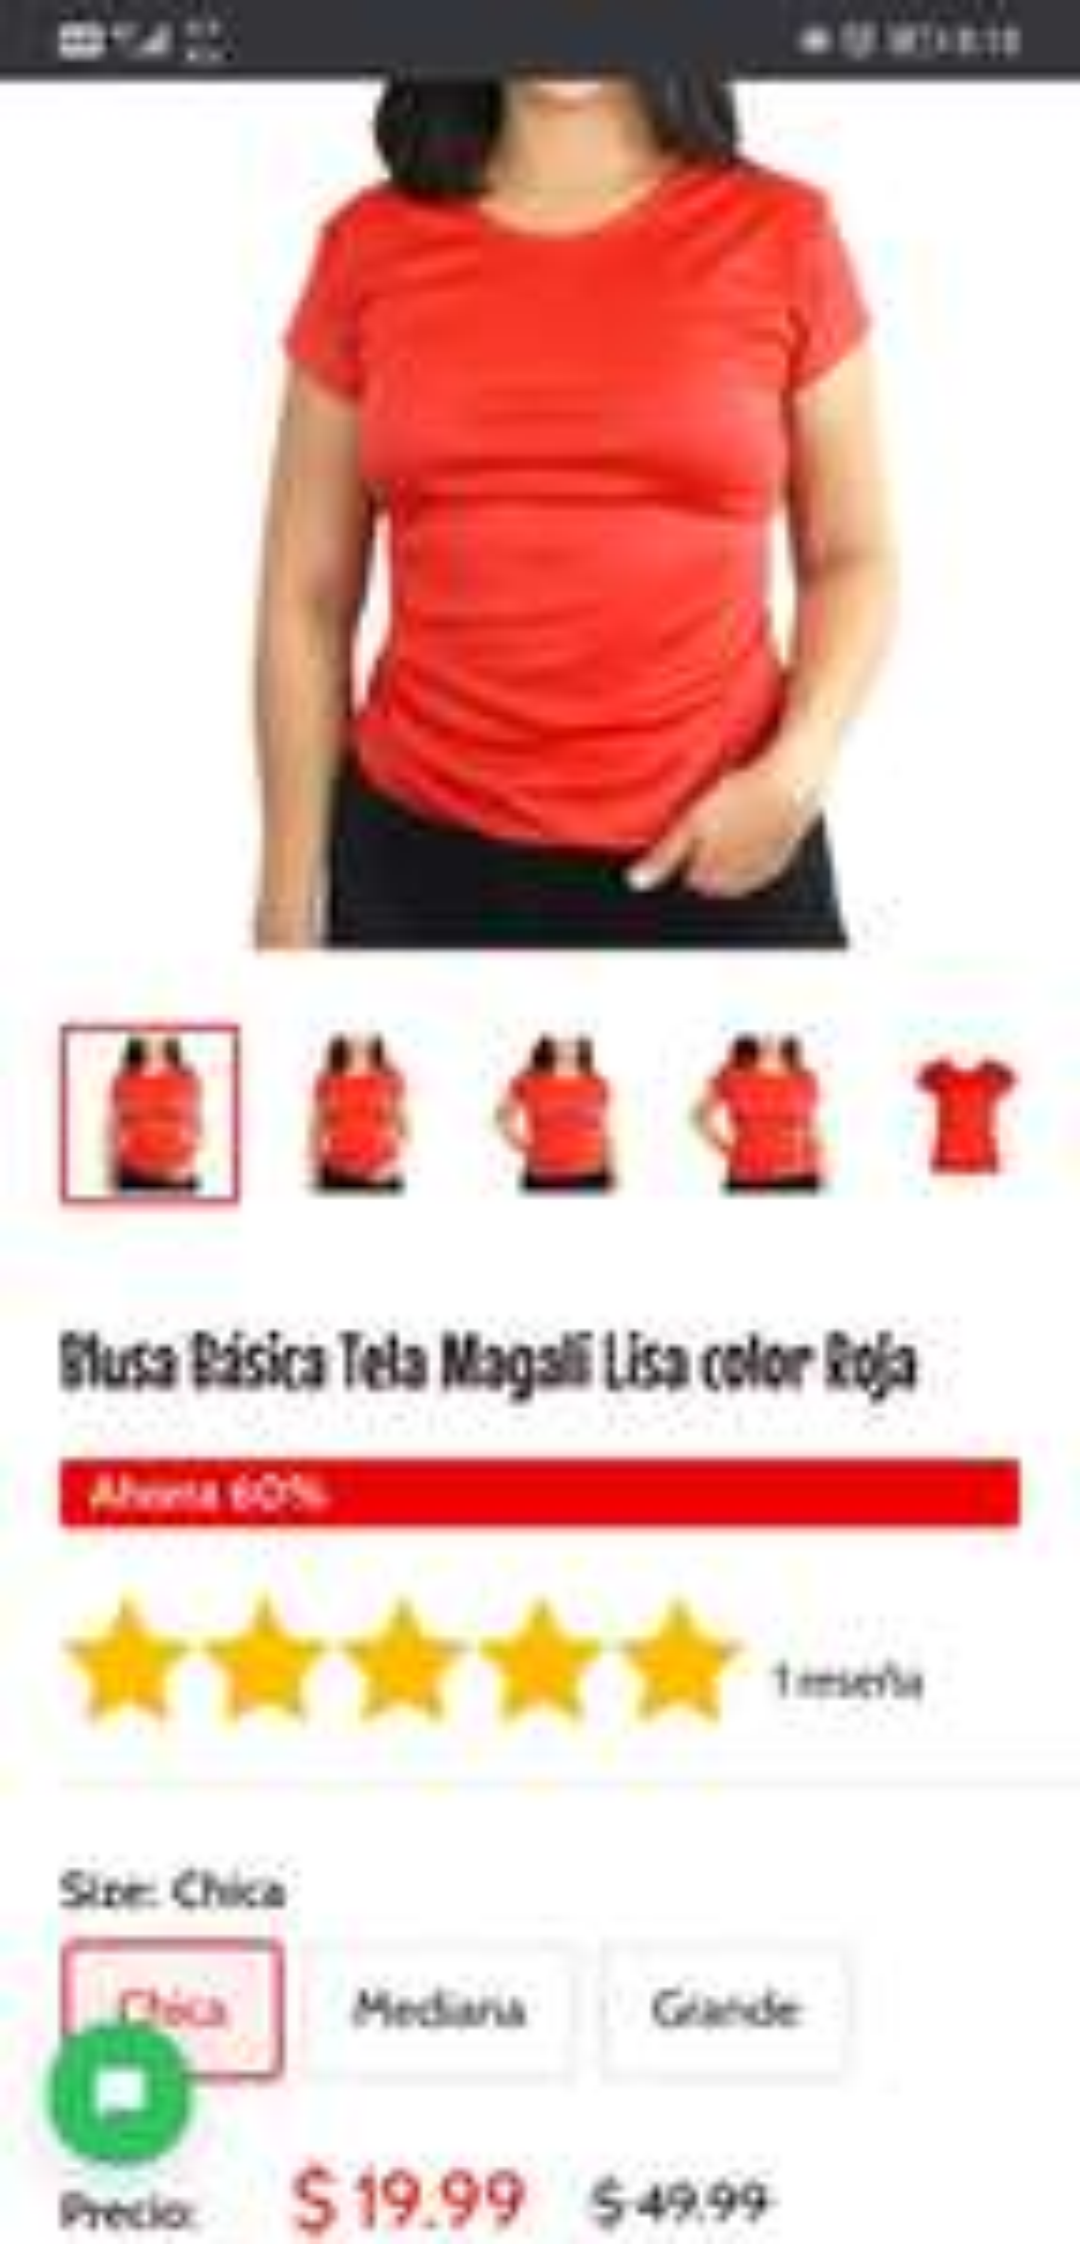 Waldos: Blusa básica y lisa para dama en distintos colores, ya ni en el tianguis.